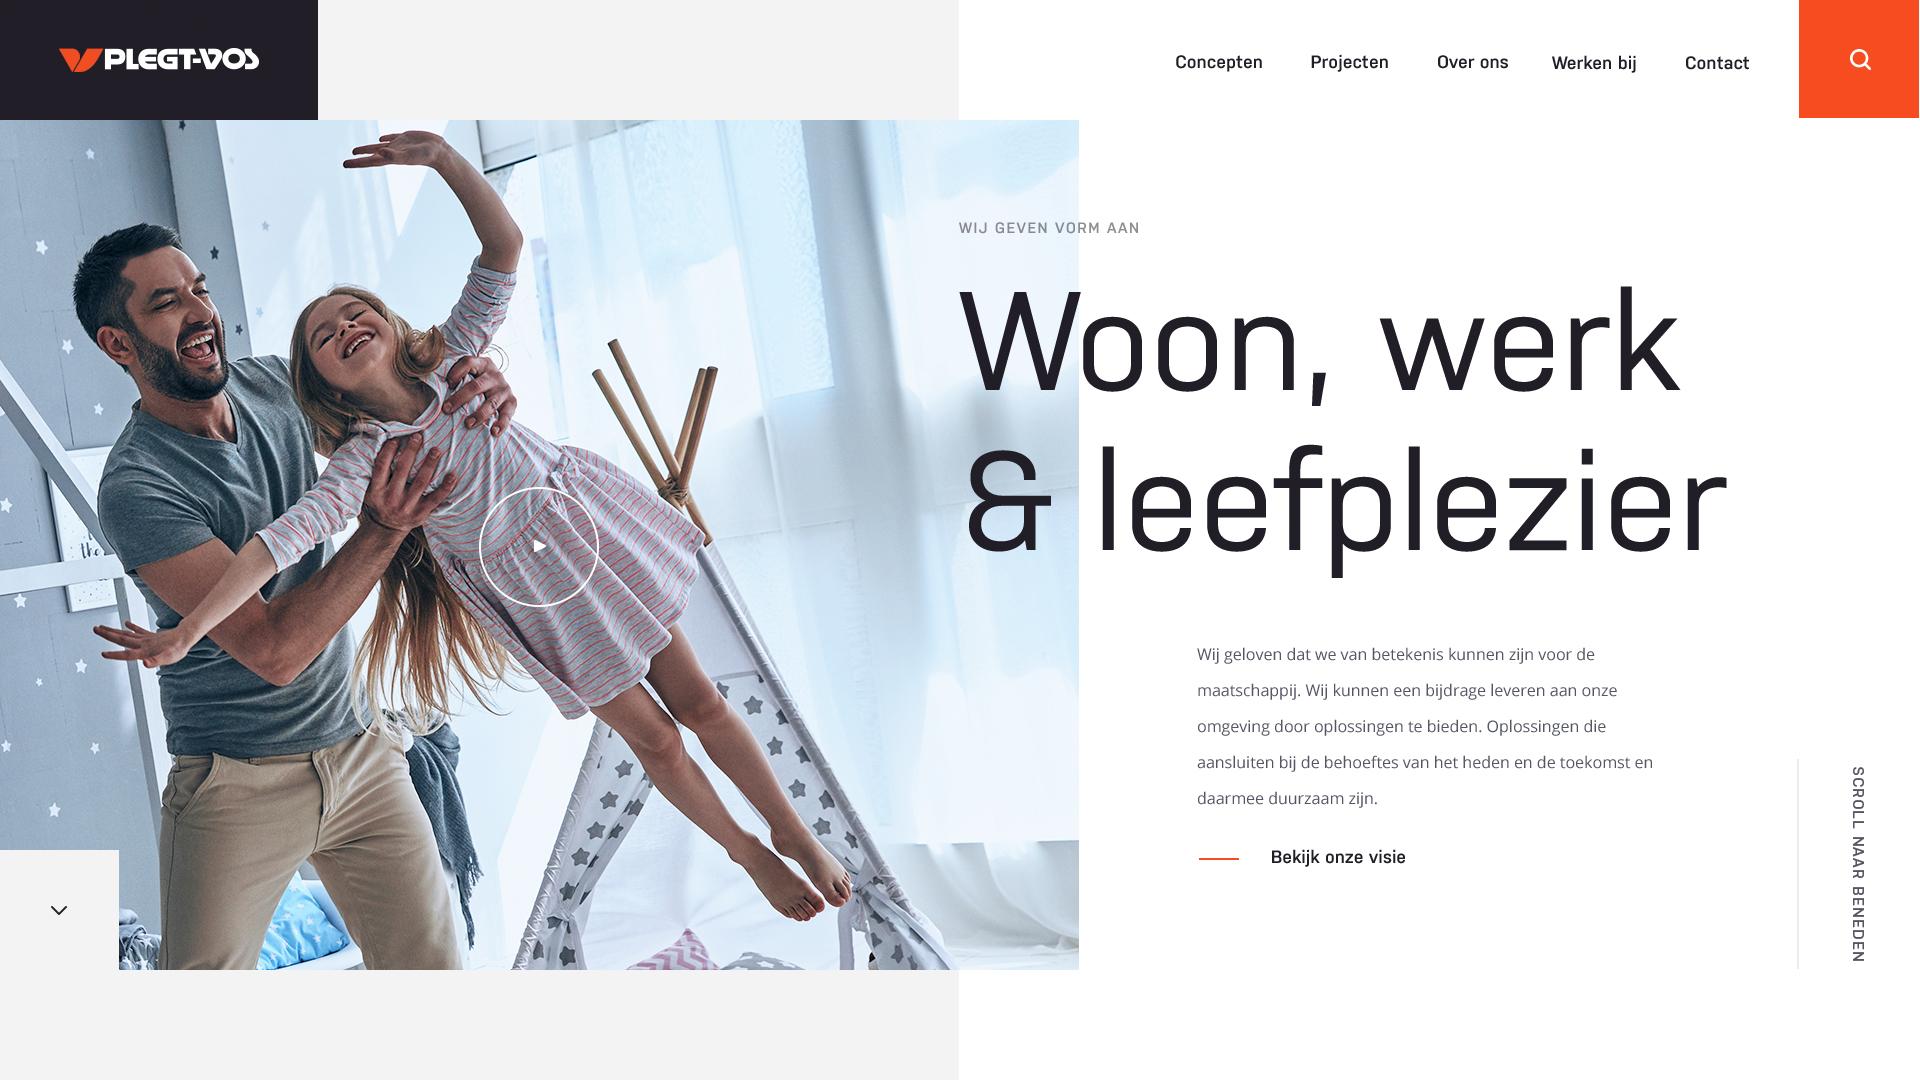 Plegt-Vos | UI/UX design